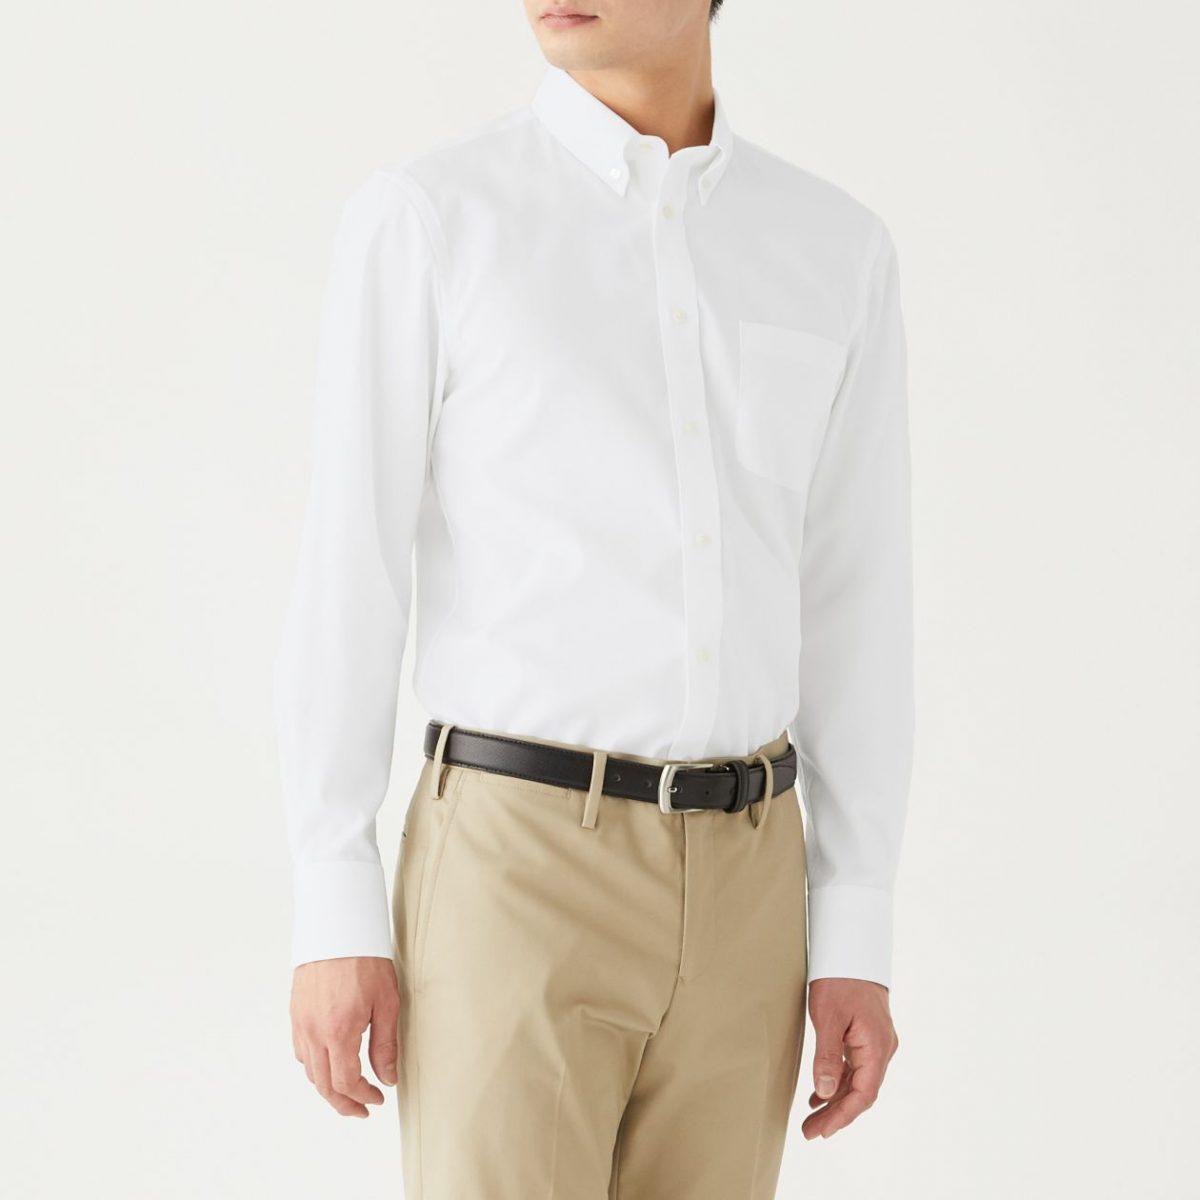 無印良品 新疆綿ストレッチ形態安定オックスボタンダウンシャツ